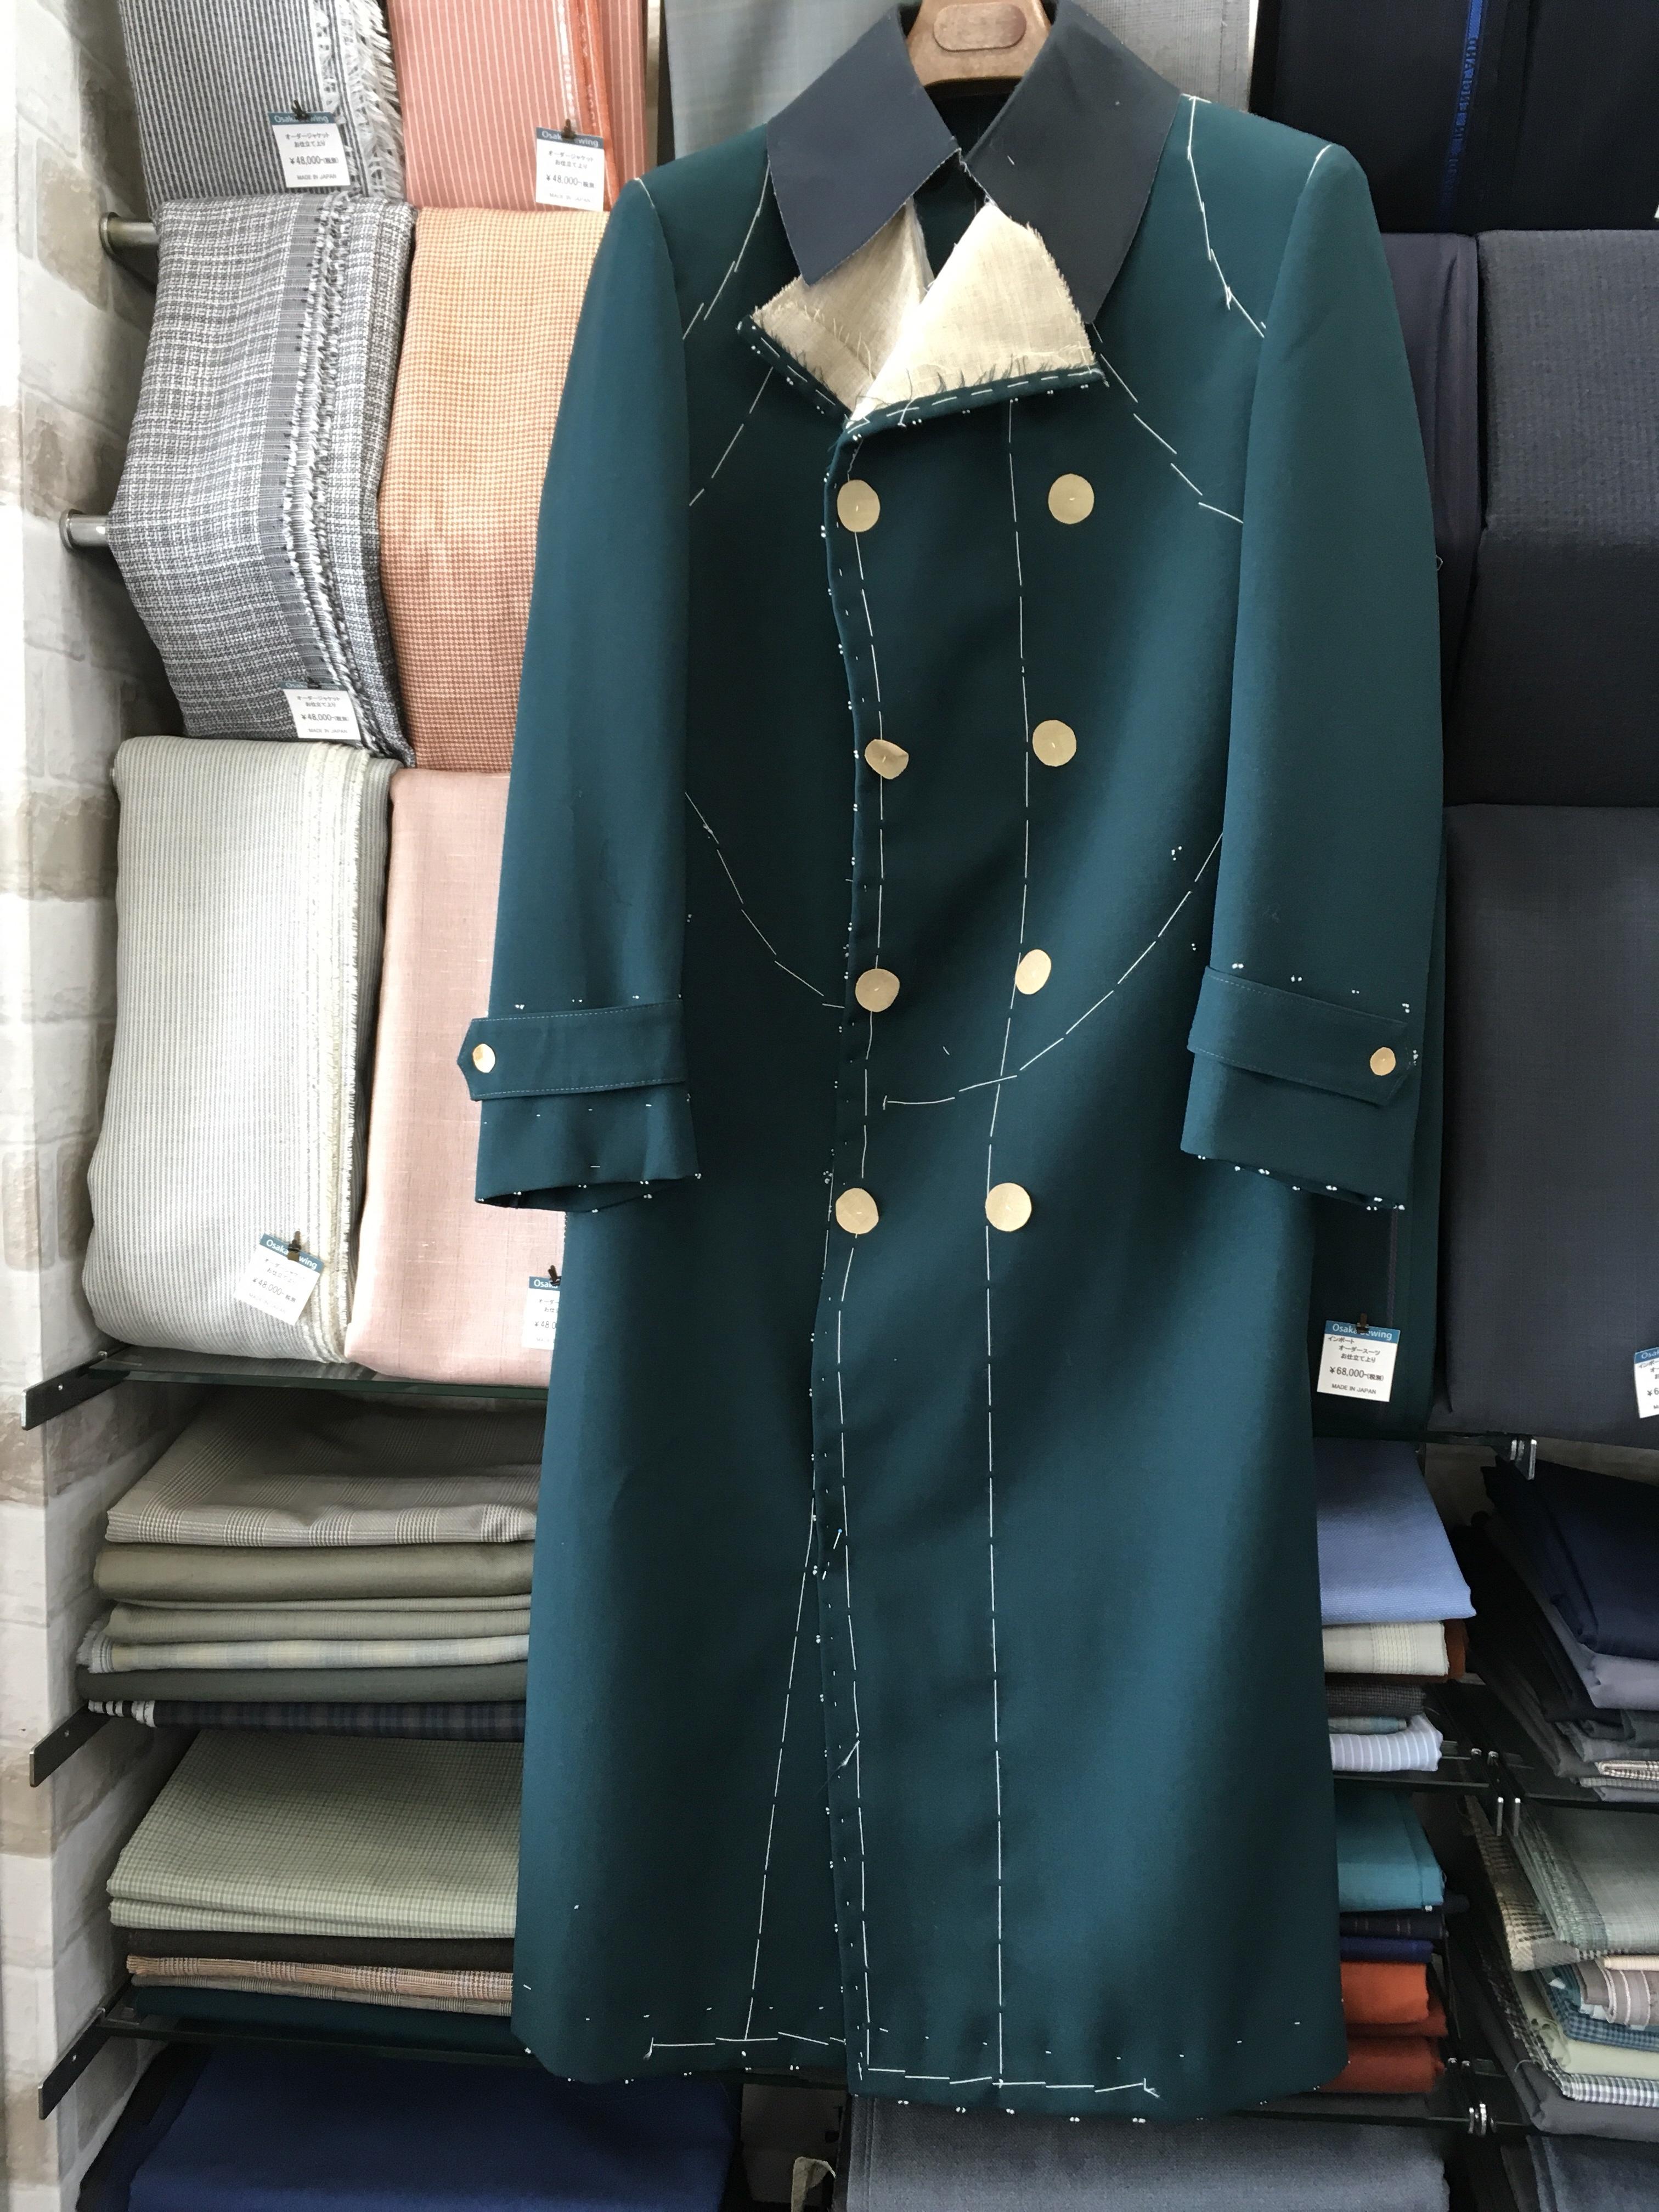 マント・ナポレオンコートの仮縫い